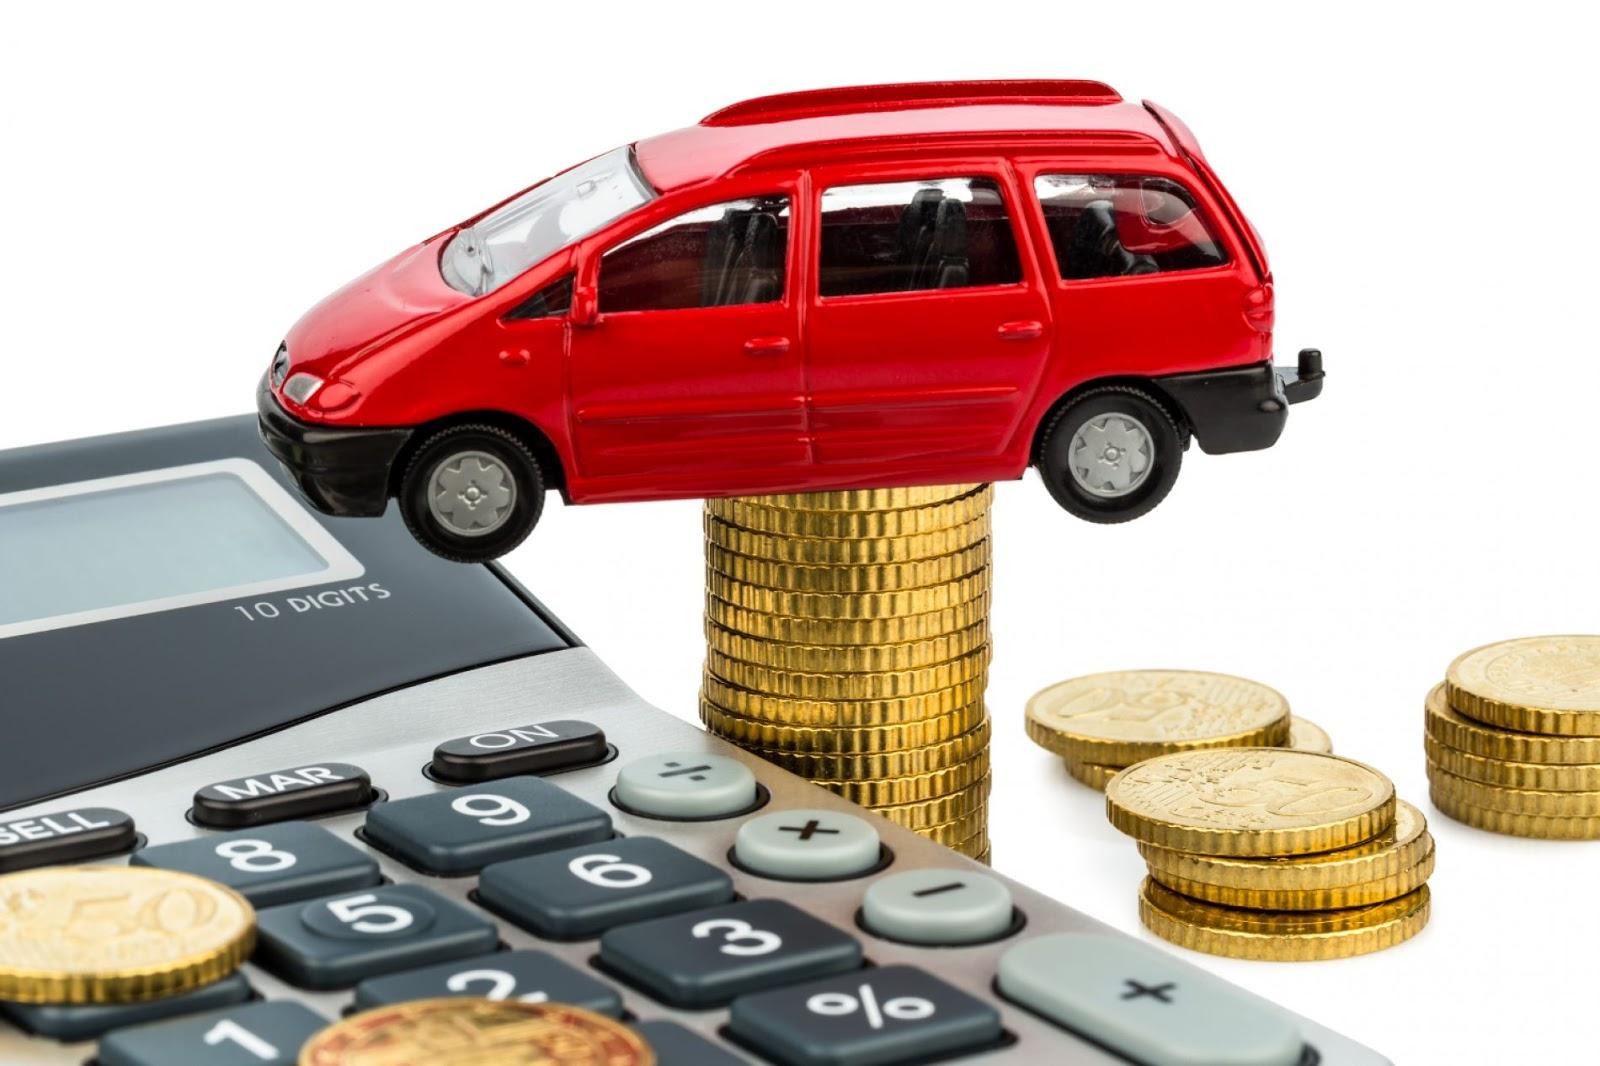 Что будет если не платишь налог за машину